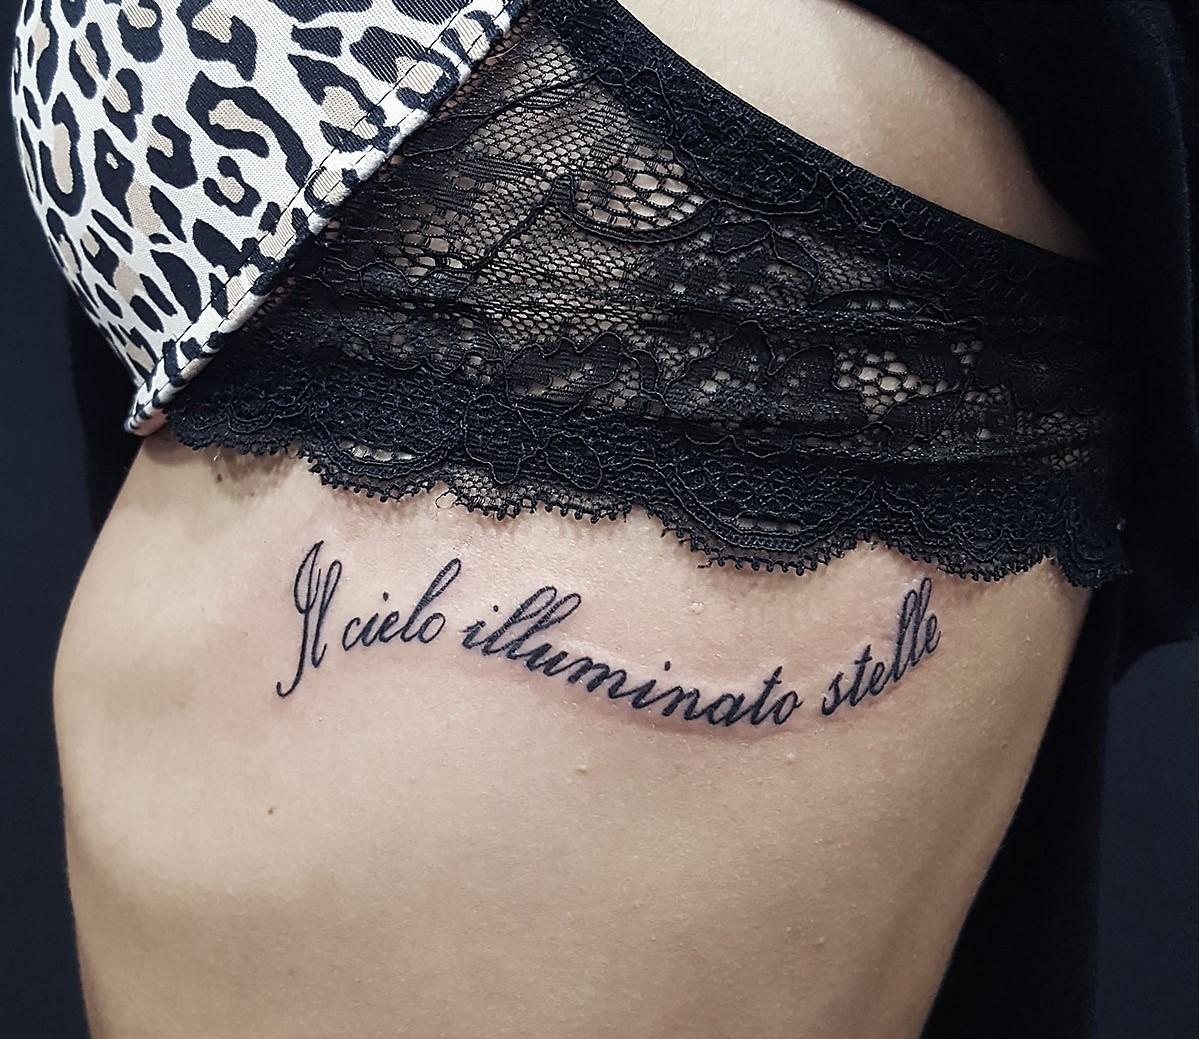 Картинки женских татуировок с надписями